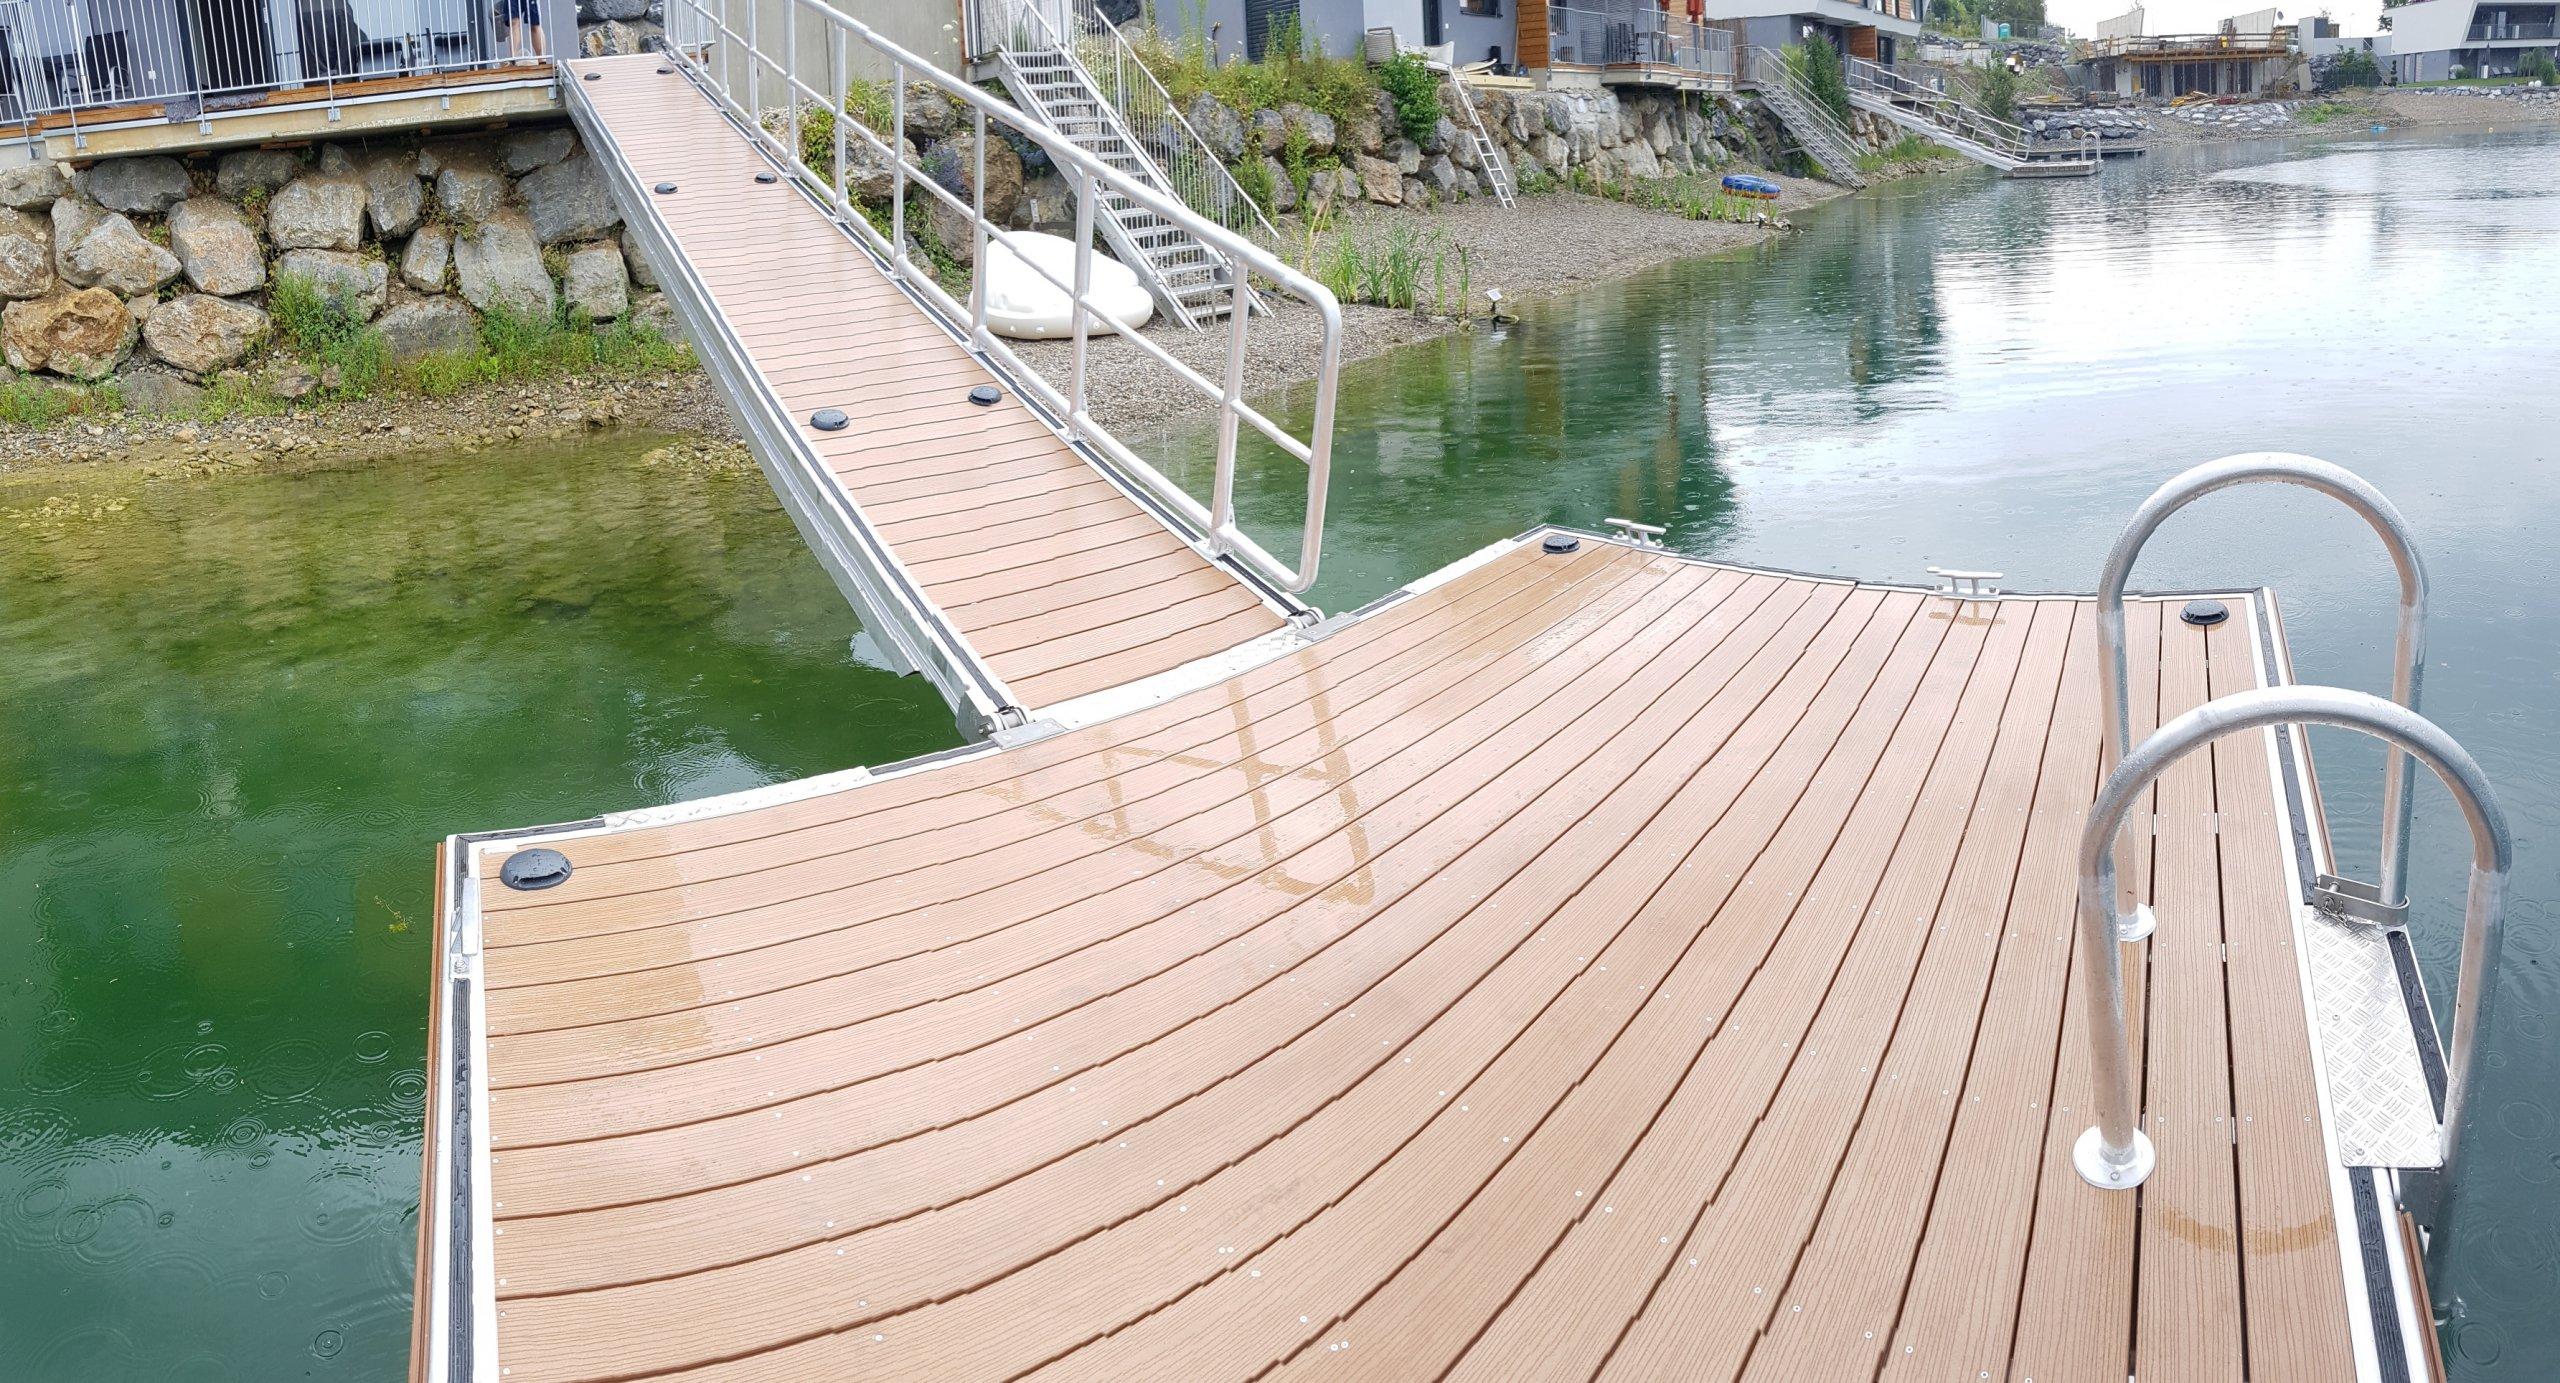 Schwimmplattform mit Landzugang/ Blick von der Plattform Richtung Landzugang